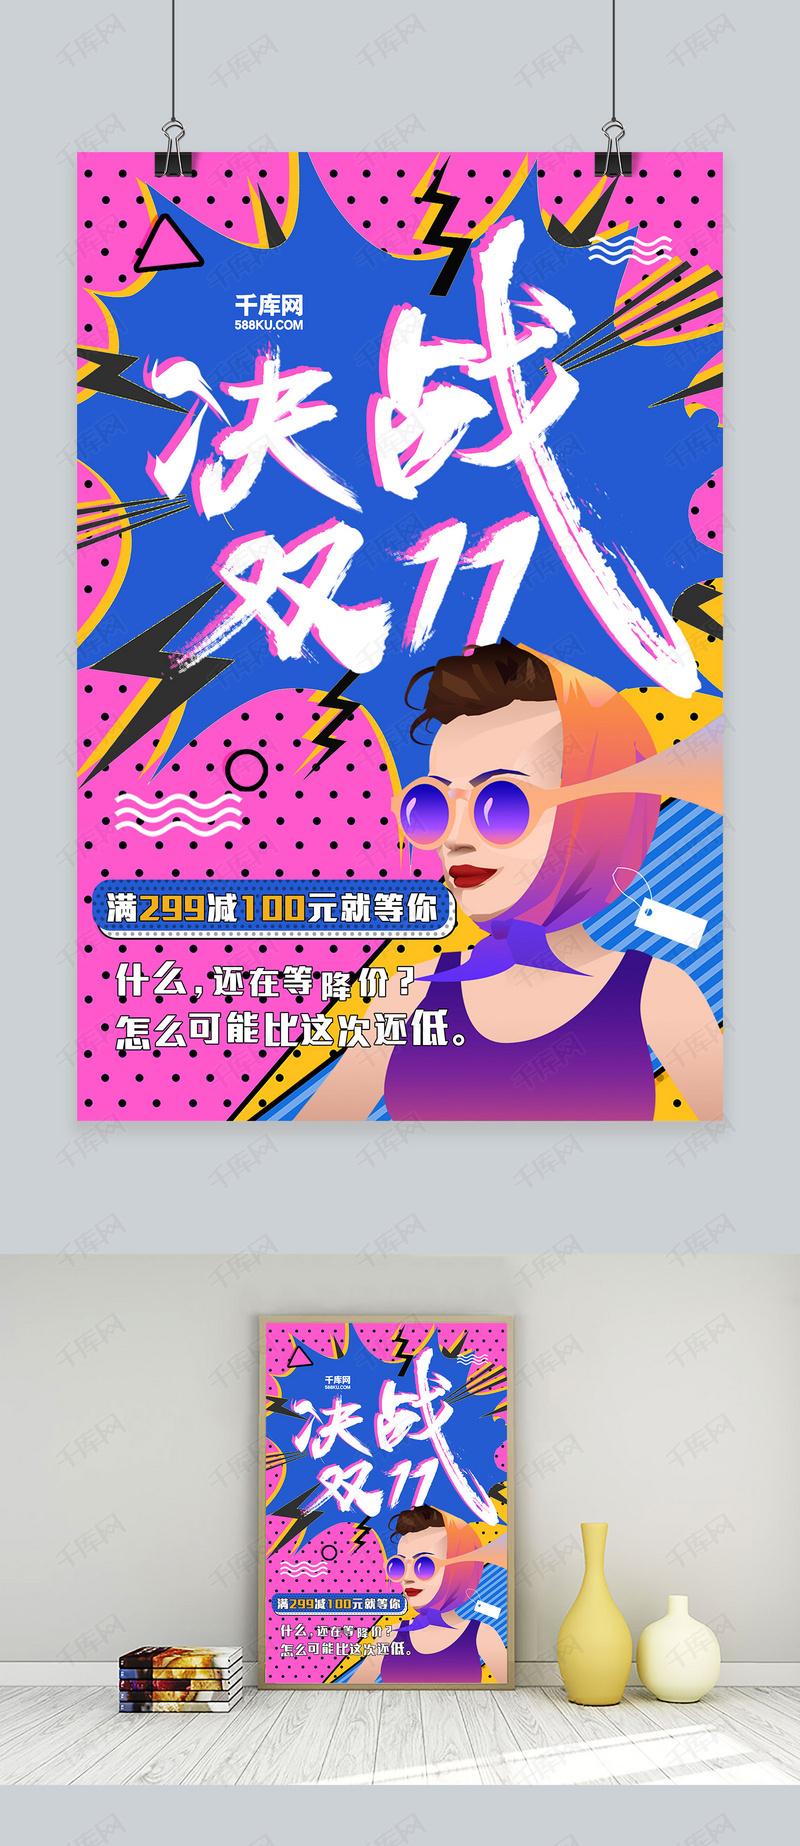 创意双十一活动够你尽情逛促销海报